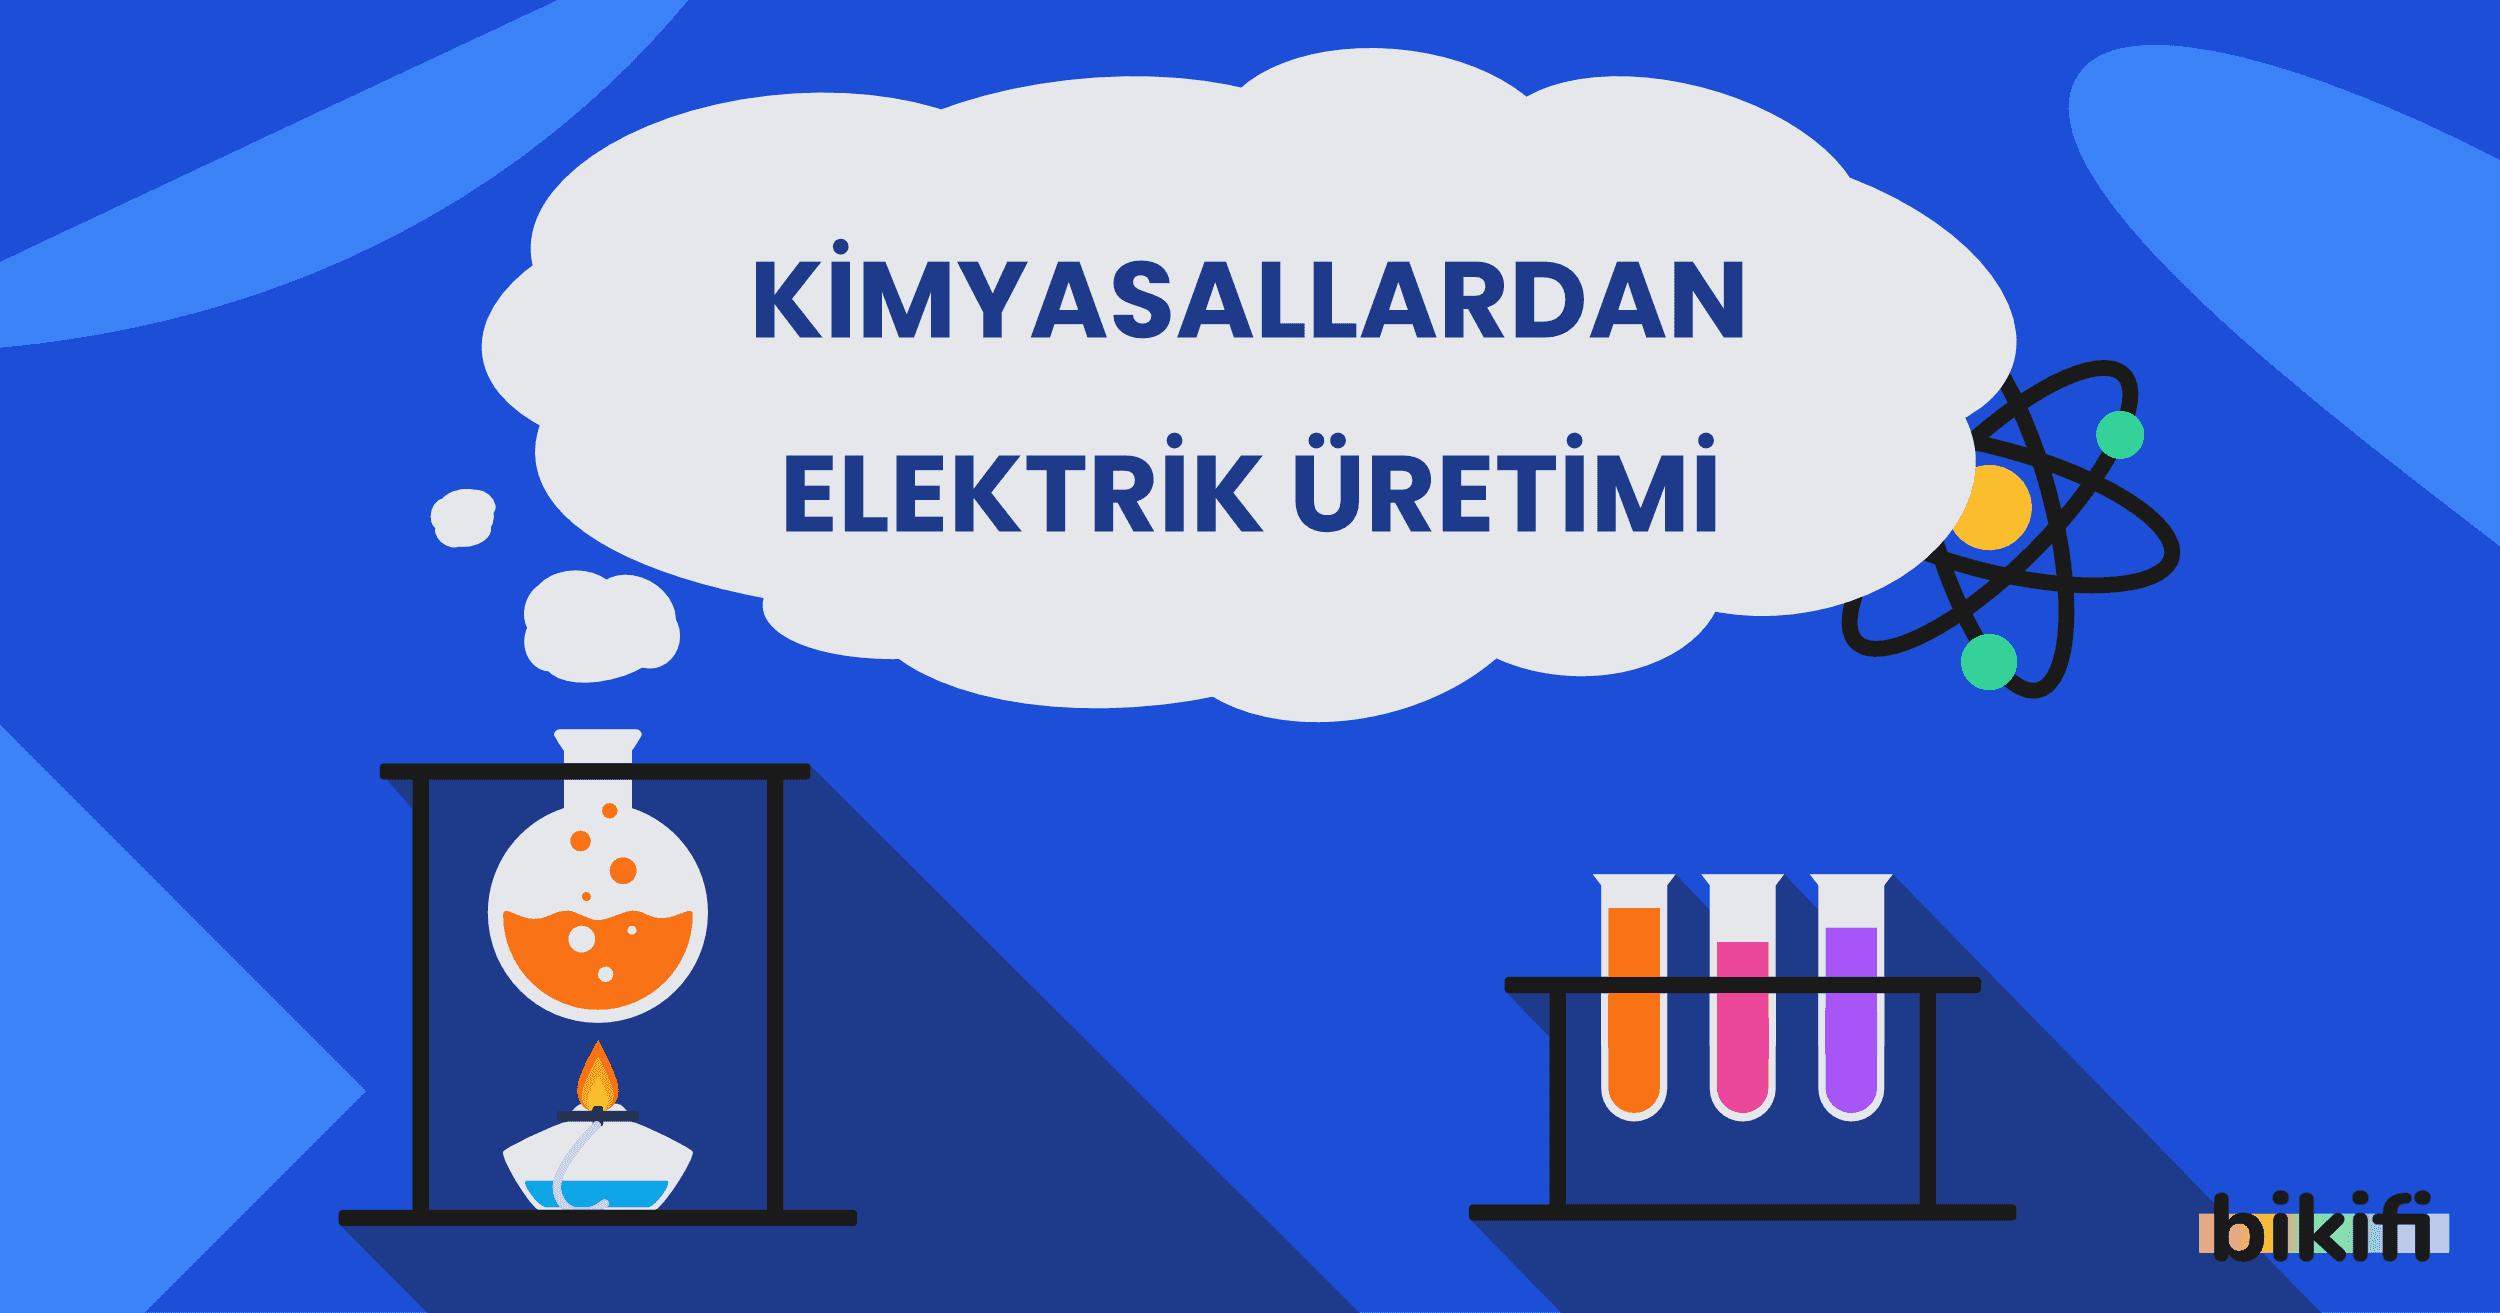 Kimyasallardan Elektrik Üretimi